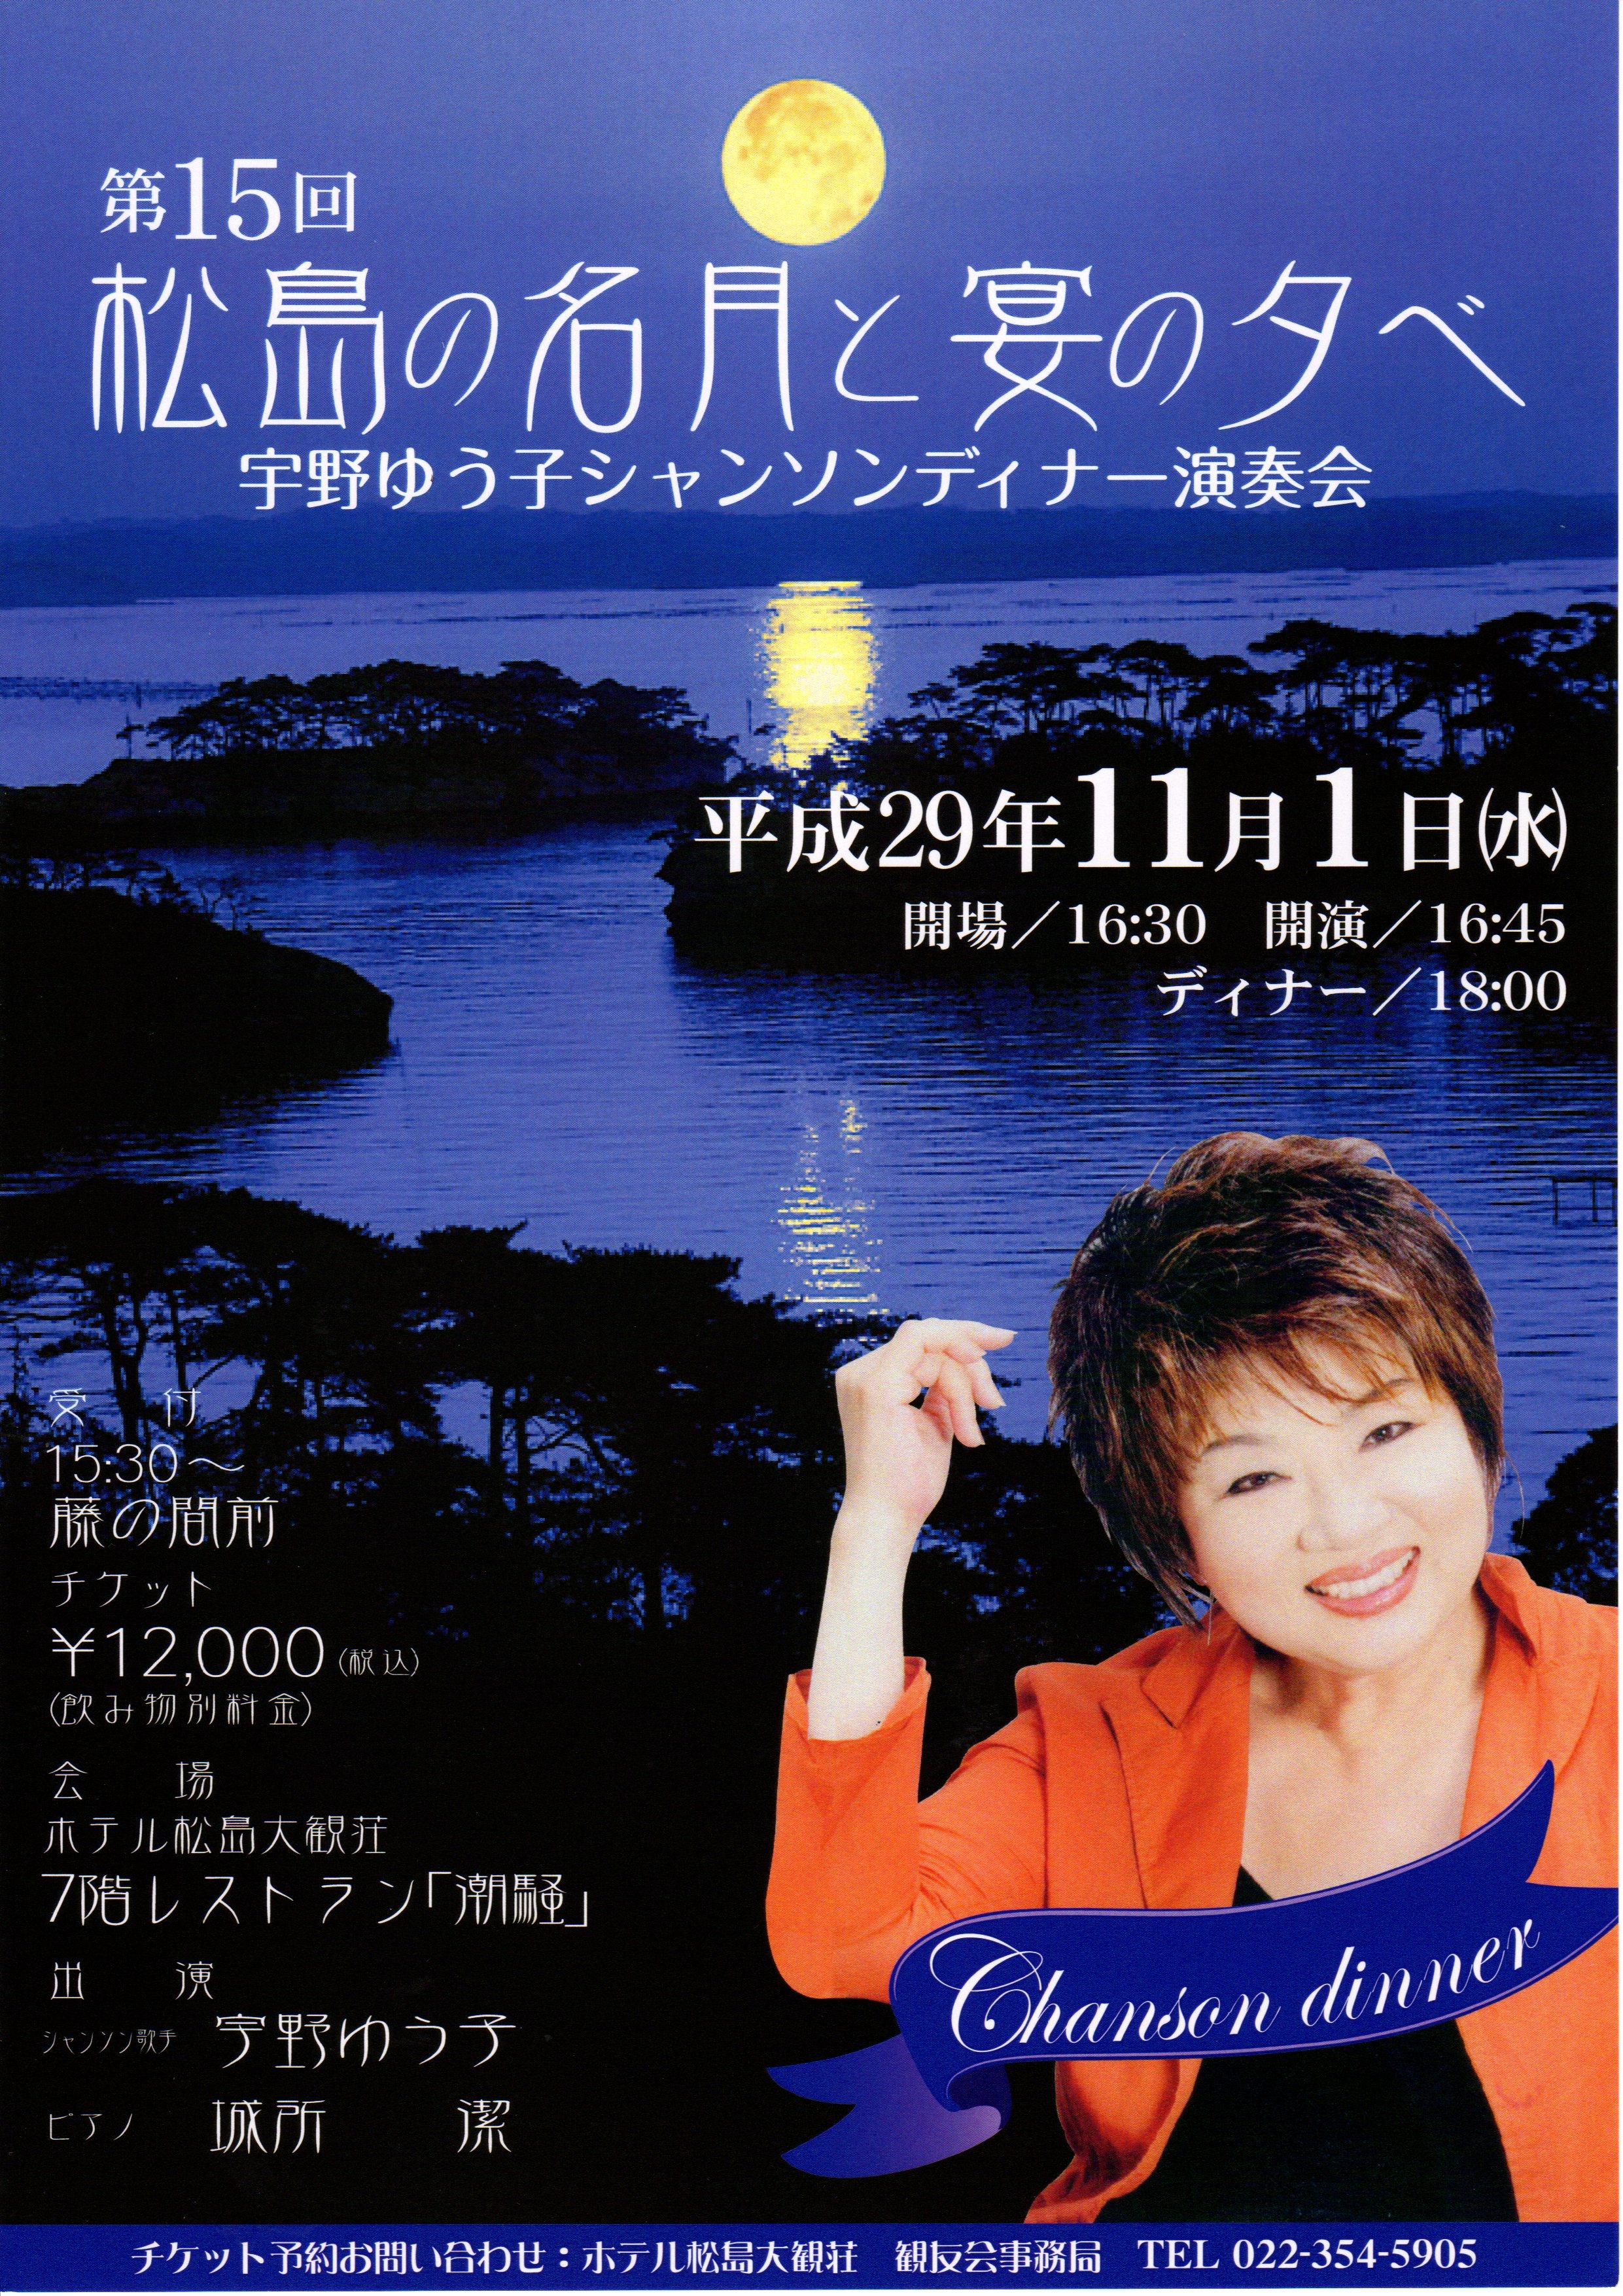 http://unoyuko.com/blog/chanson/img035.jpg